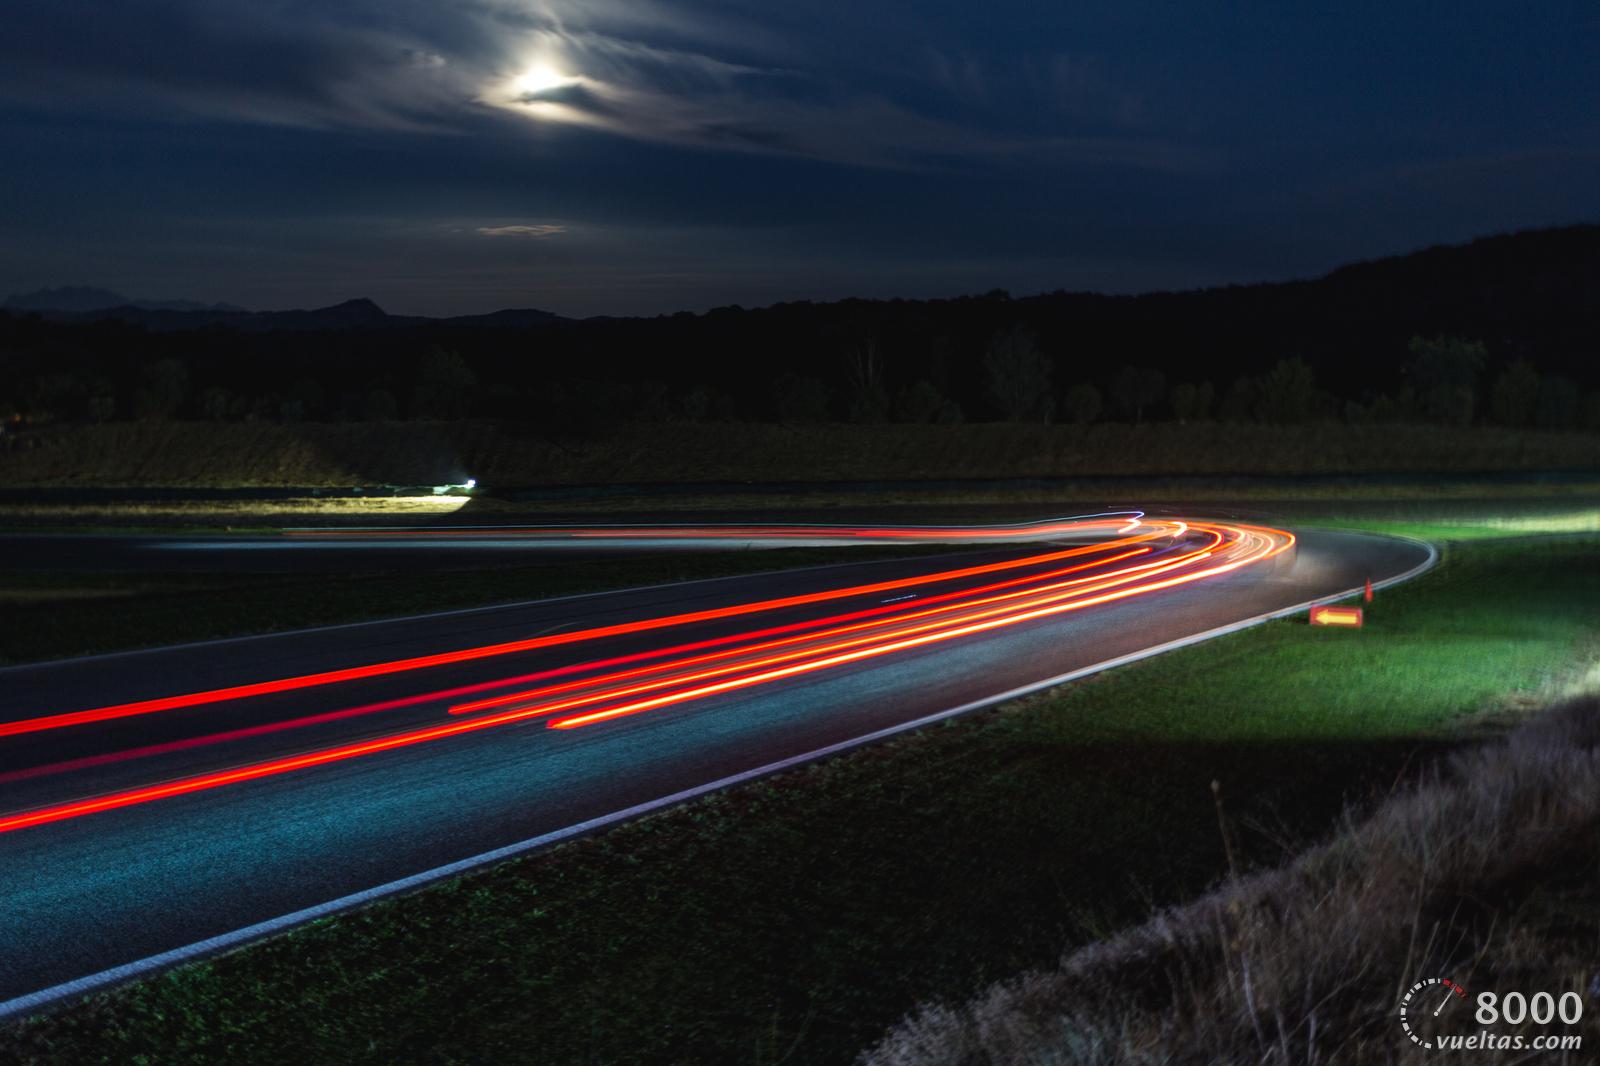 La noche sobre un circuito